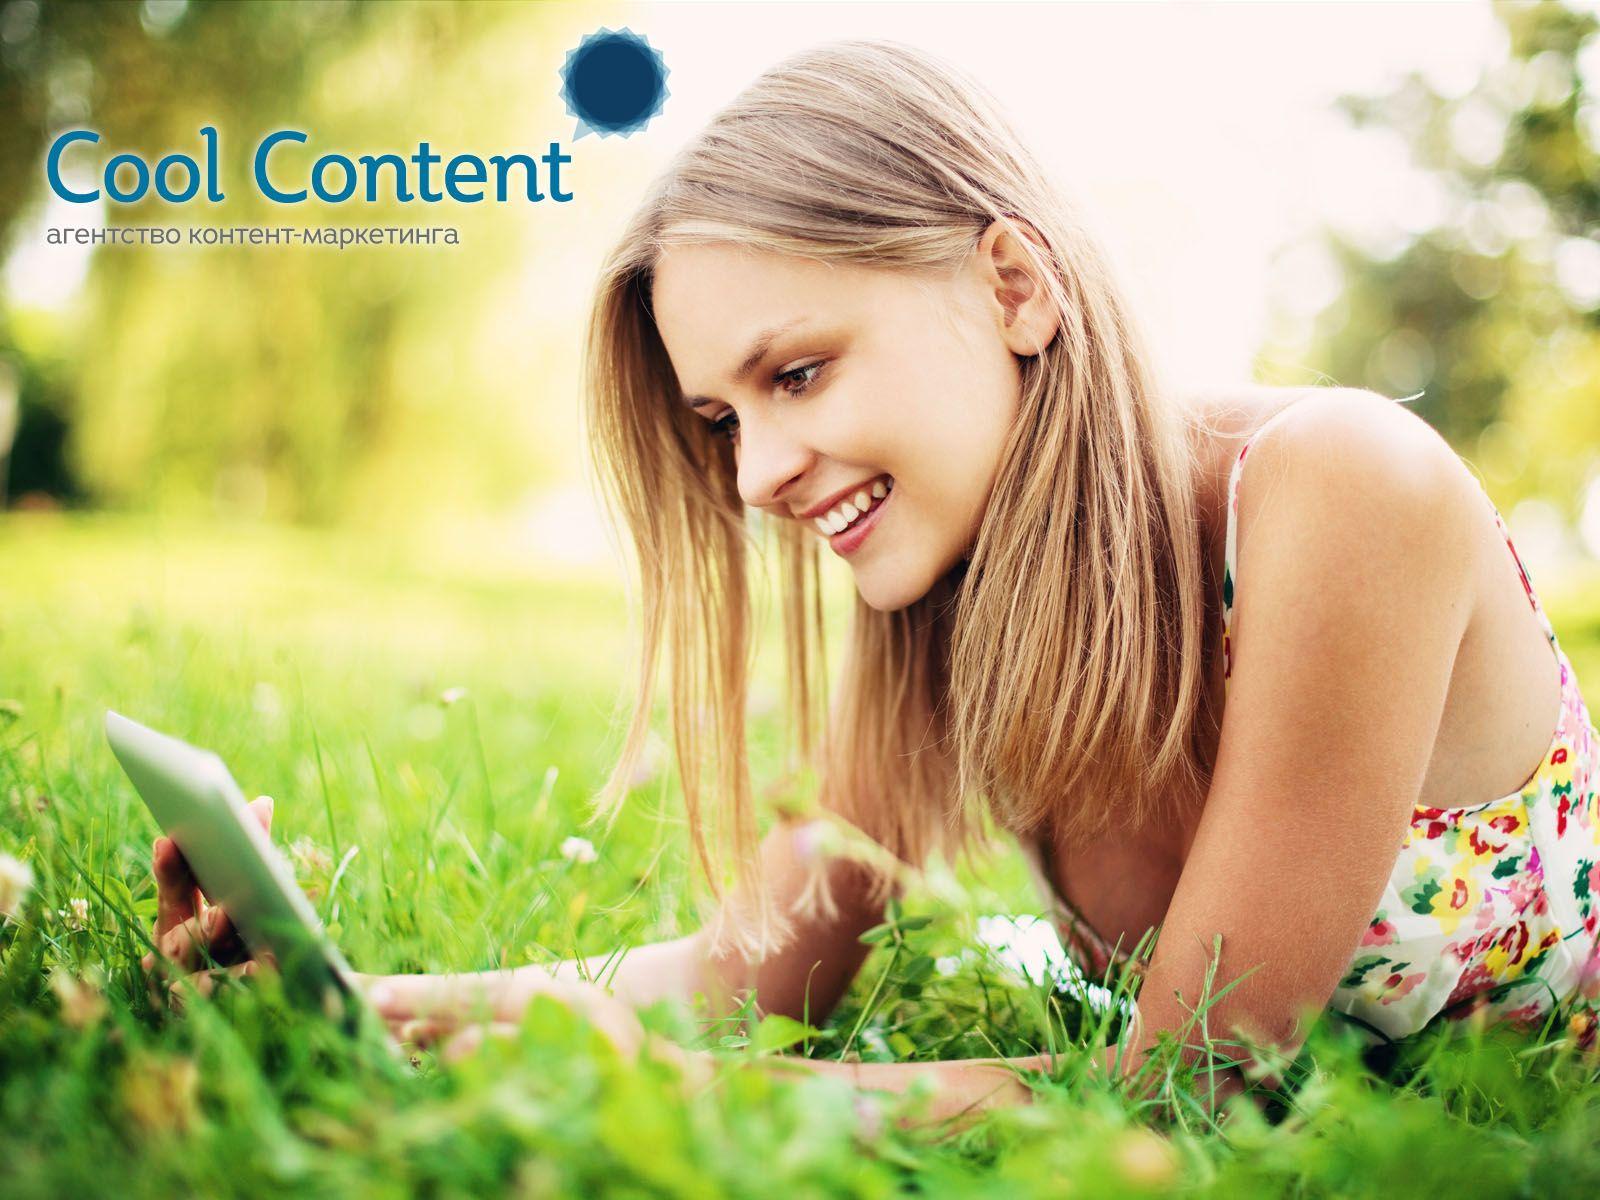 Лого для агентства Cool Content - дизайнер chumarkov